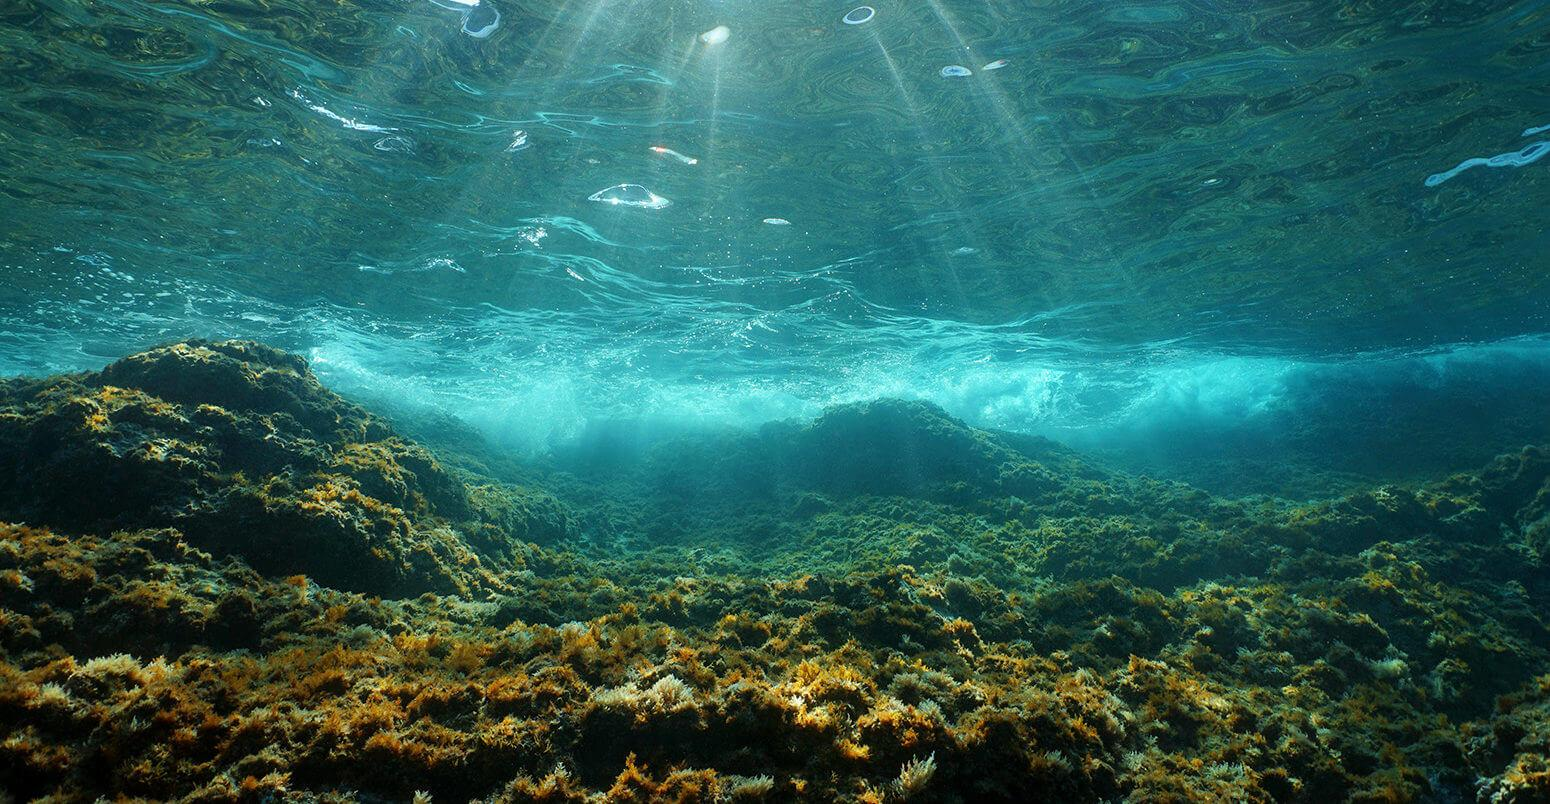 تصویر از امواج گرمایی دریایی بیش از 20 برابر بیشتر شده است